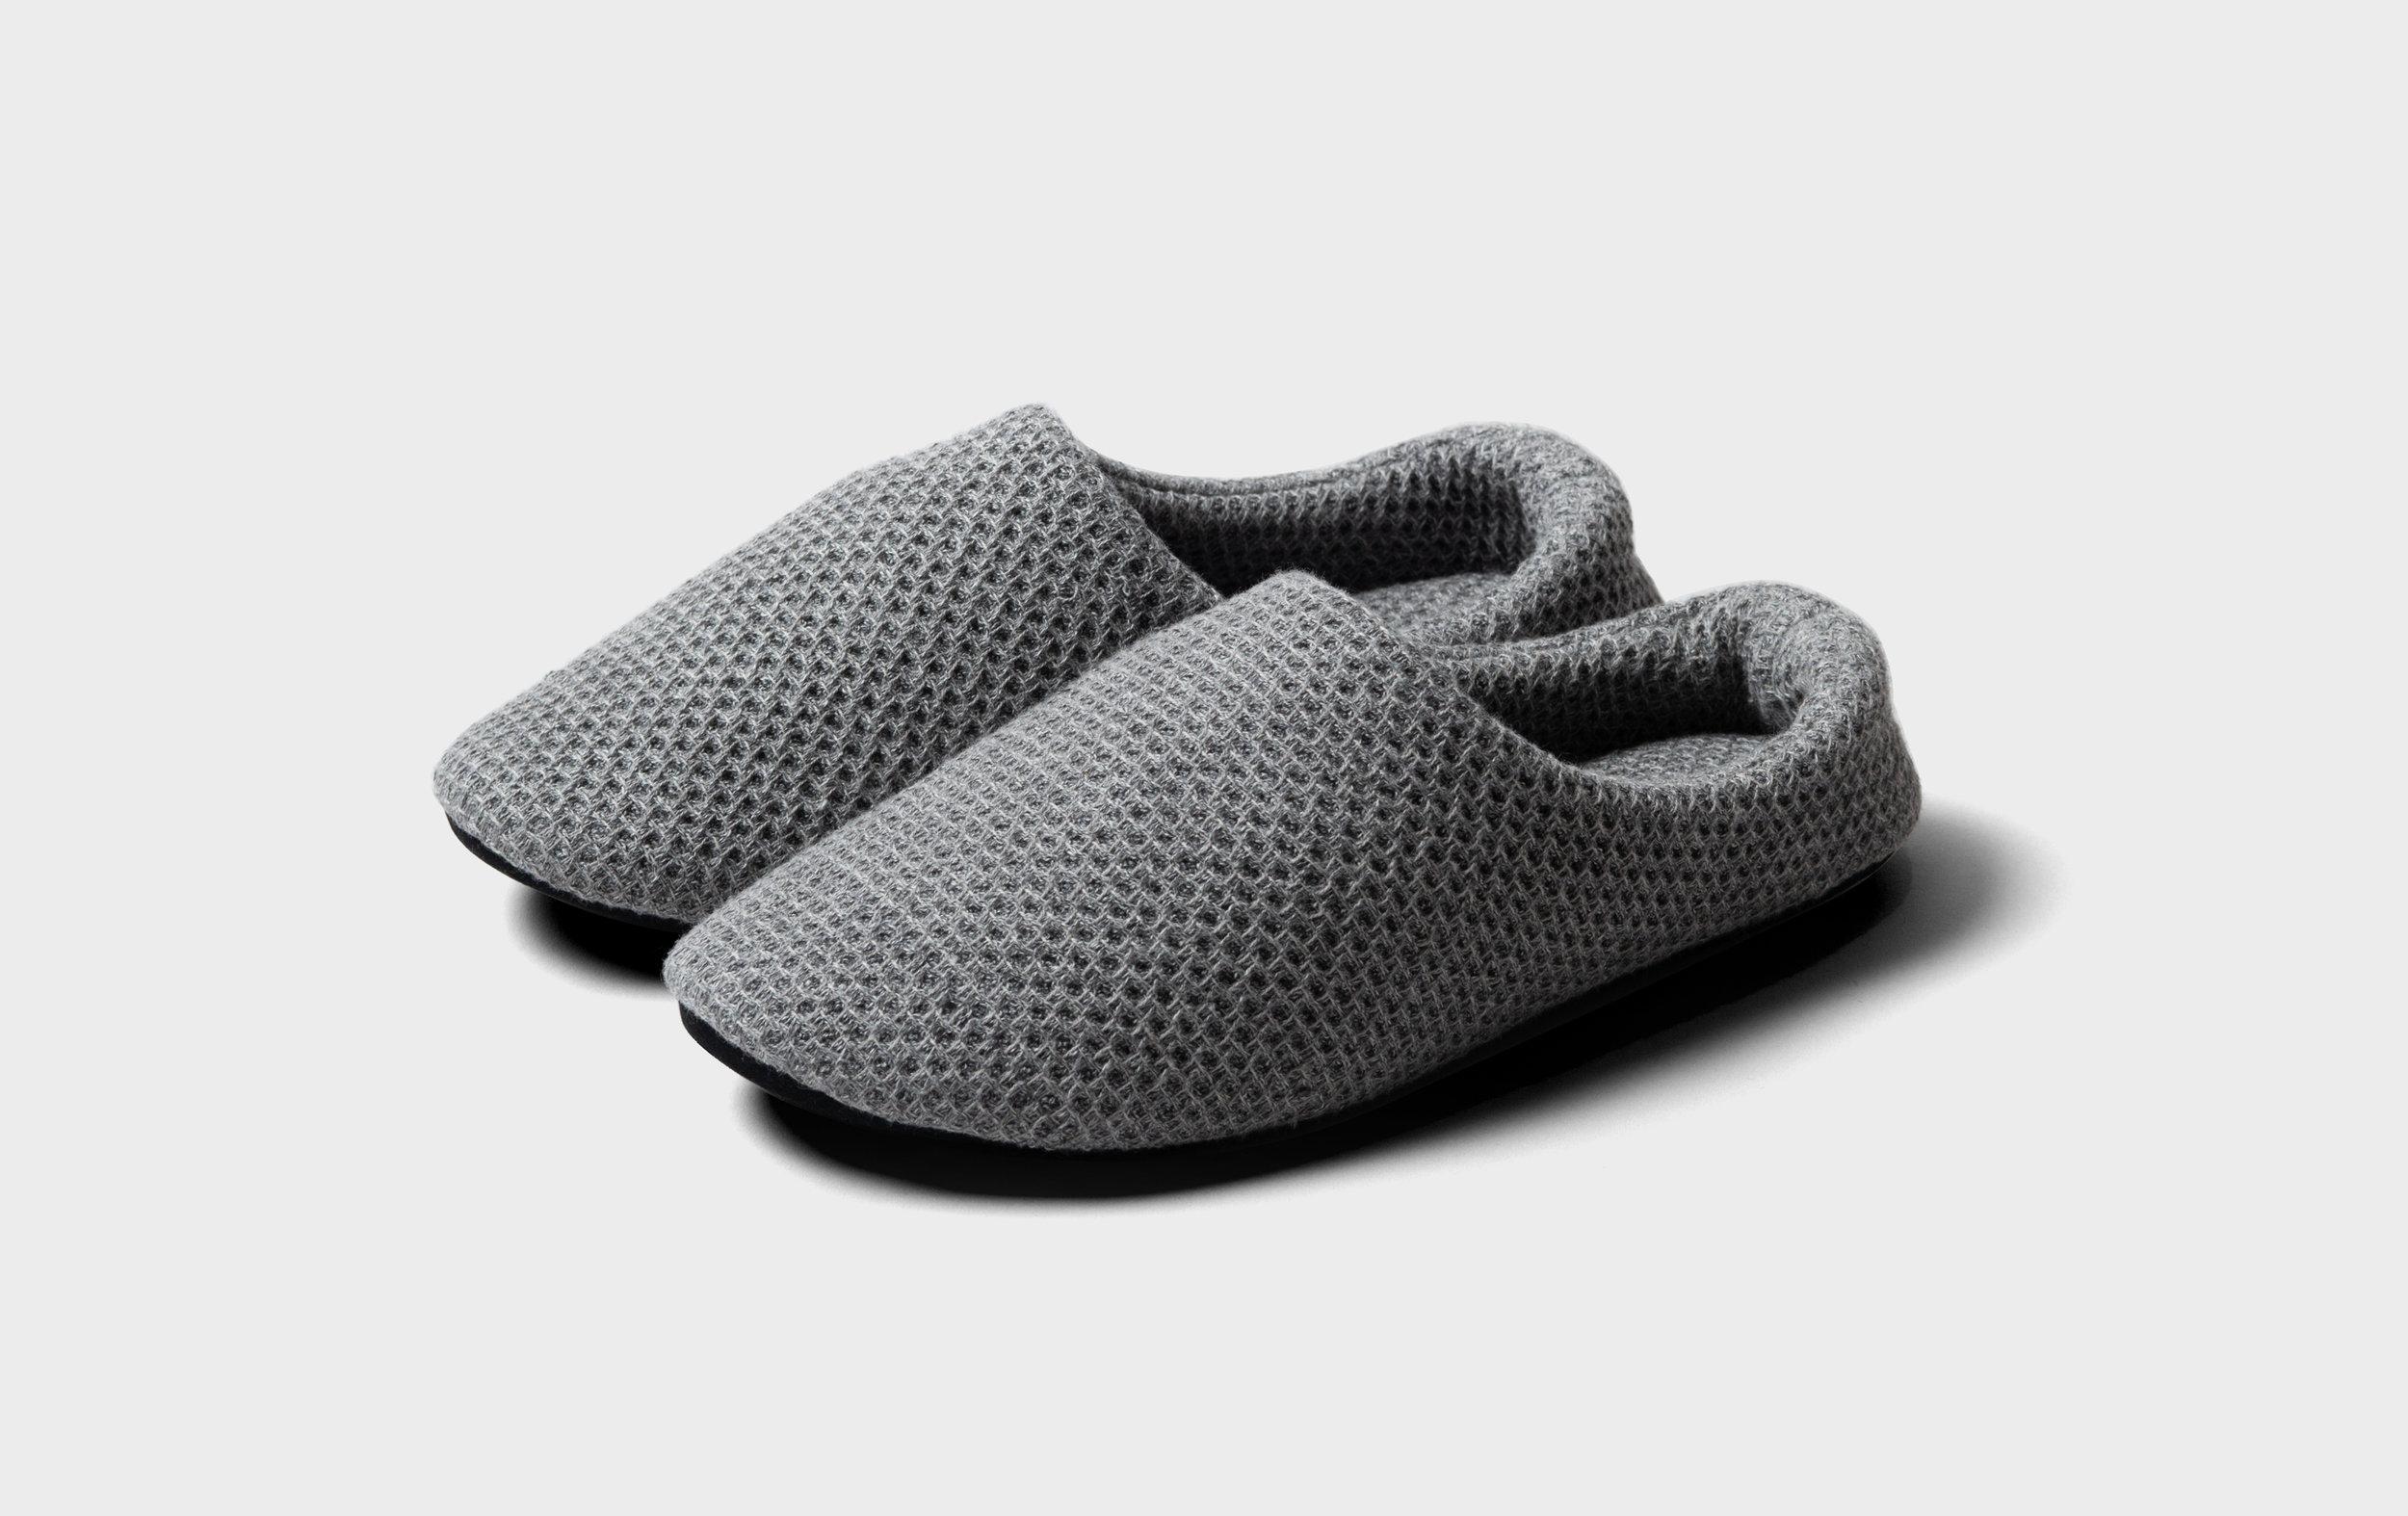 slipper2.jpg